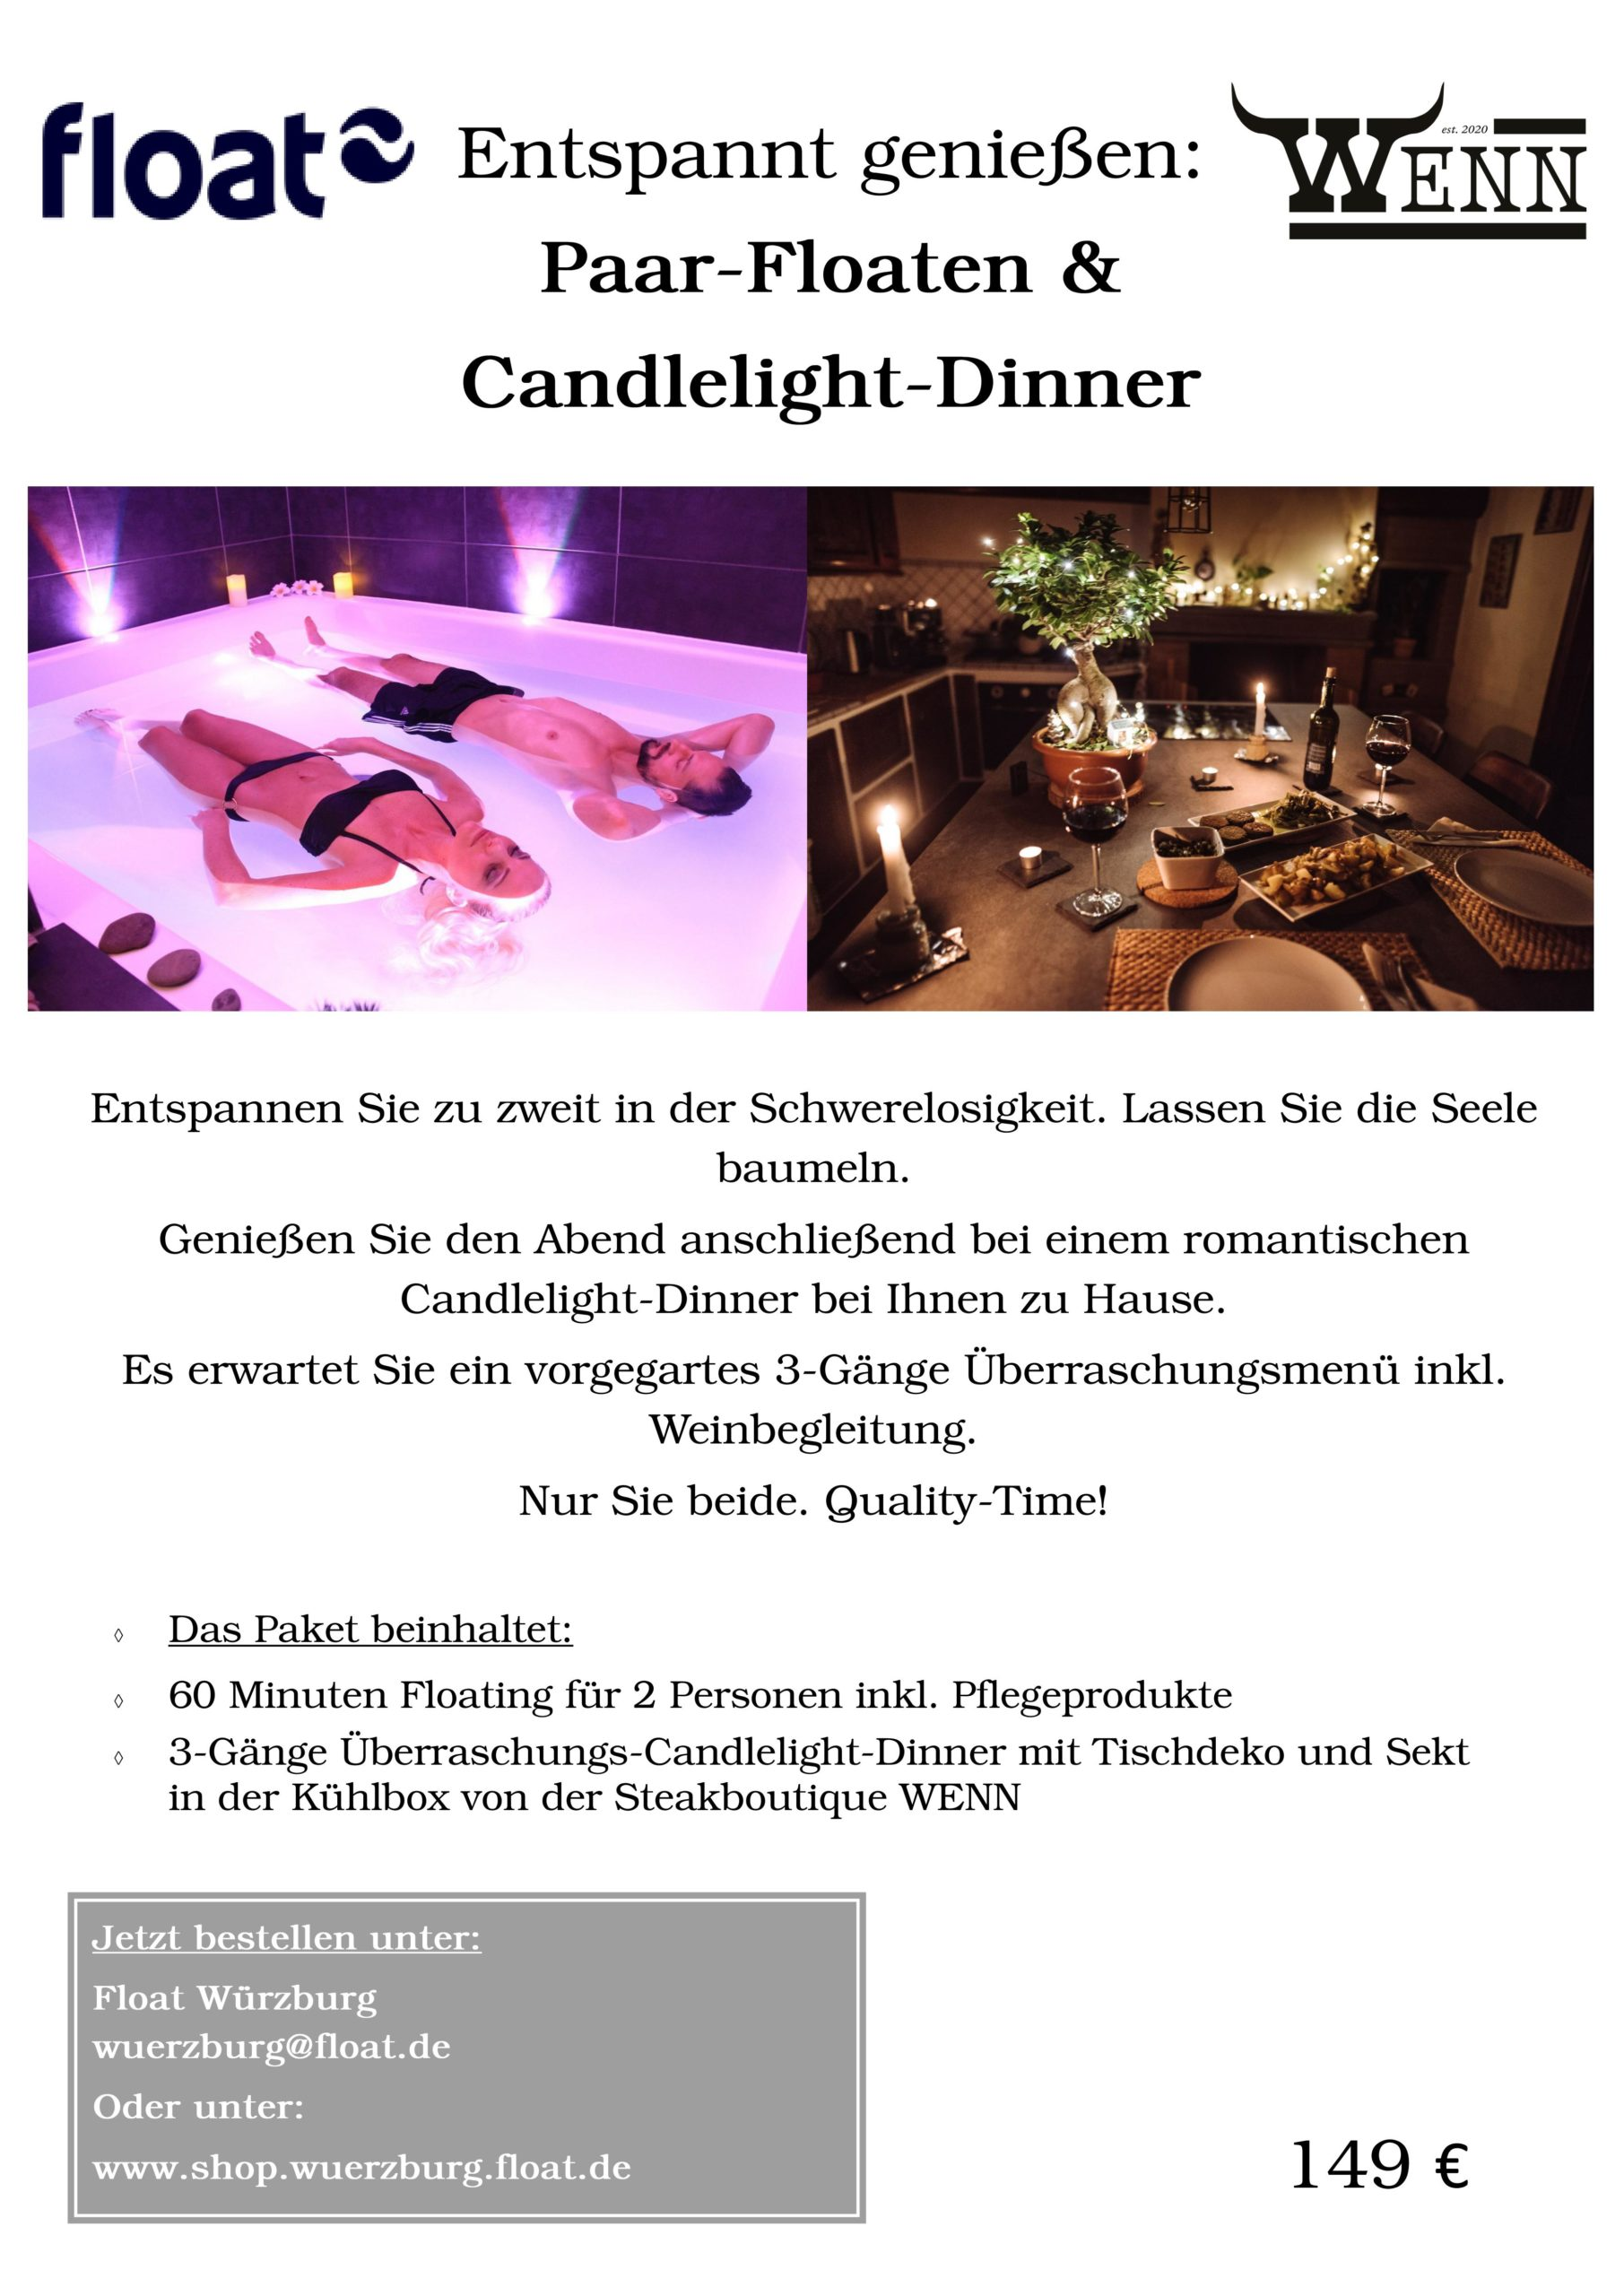 Paar-Floaten & Candlelight-Dinner